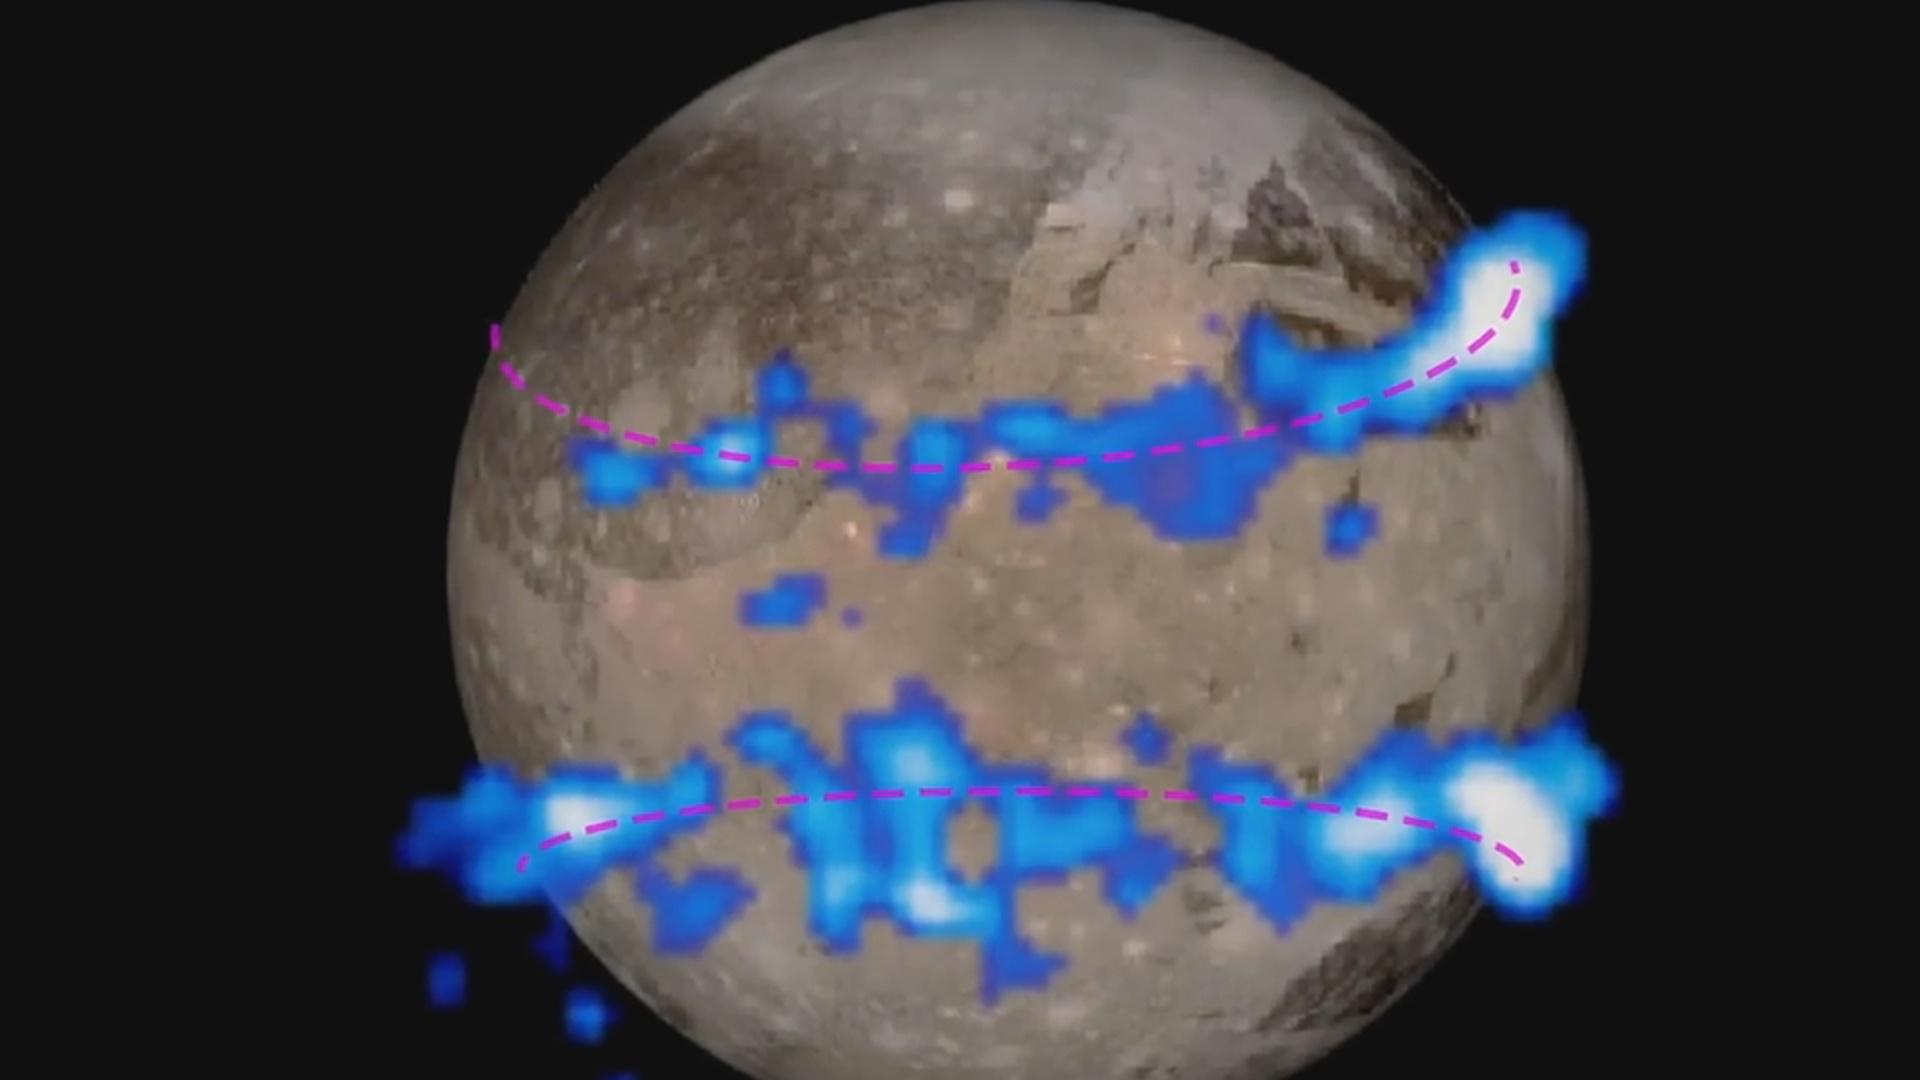 Yupiterin ən böyük peyki Qanimeddə suyun mövcudluğuna dair sübutlar əldə olunub